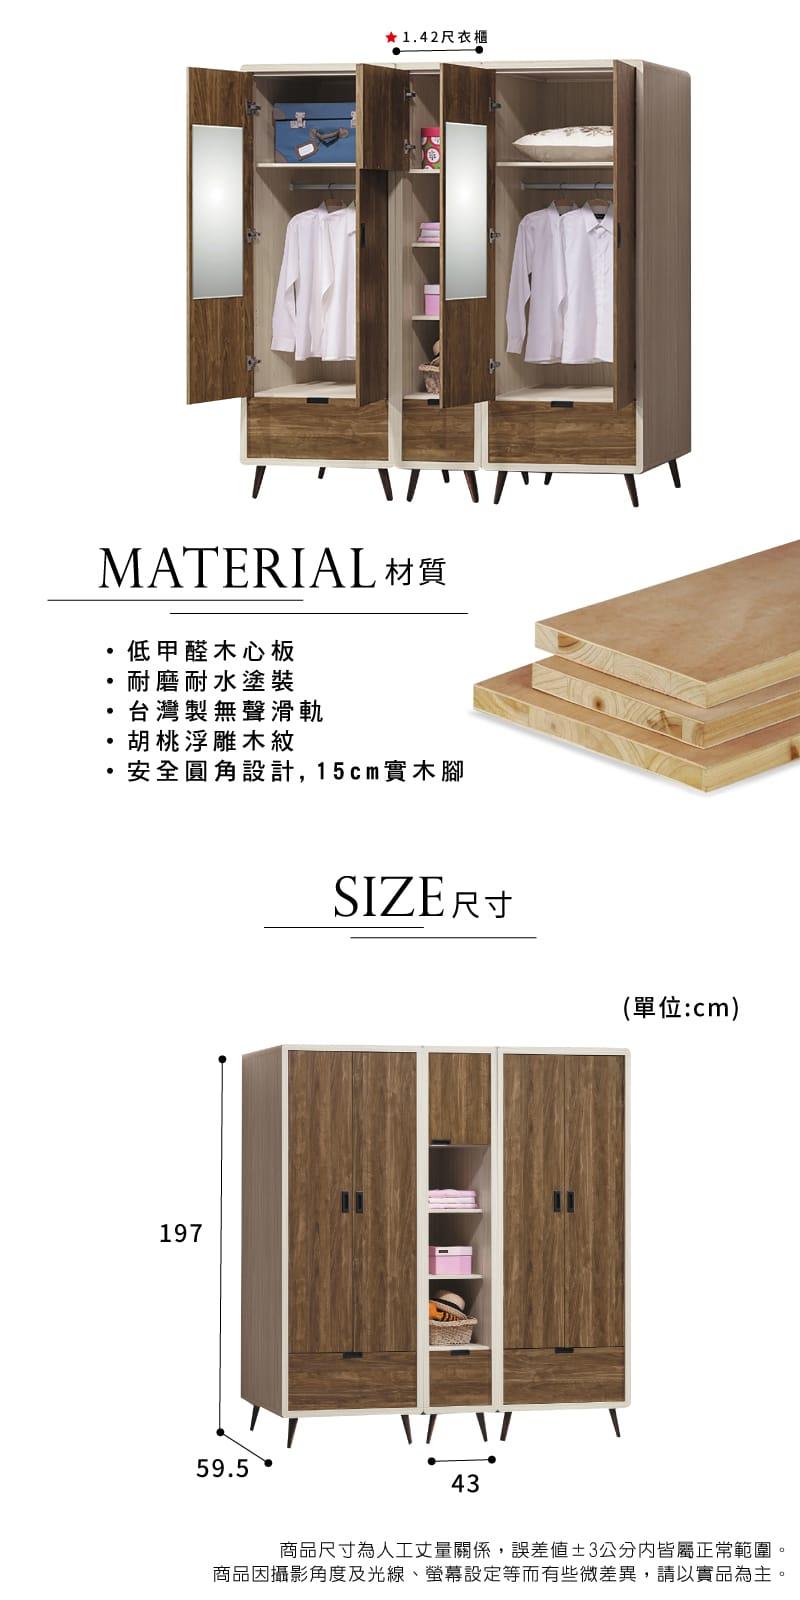 拉門收納置物衣櫃 寬43cm【北歐風】